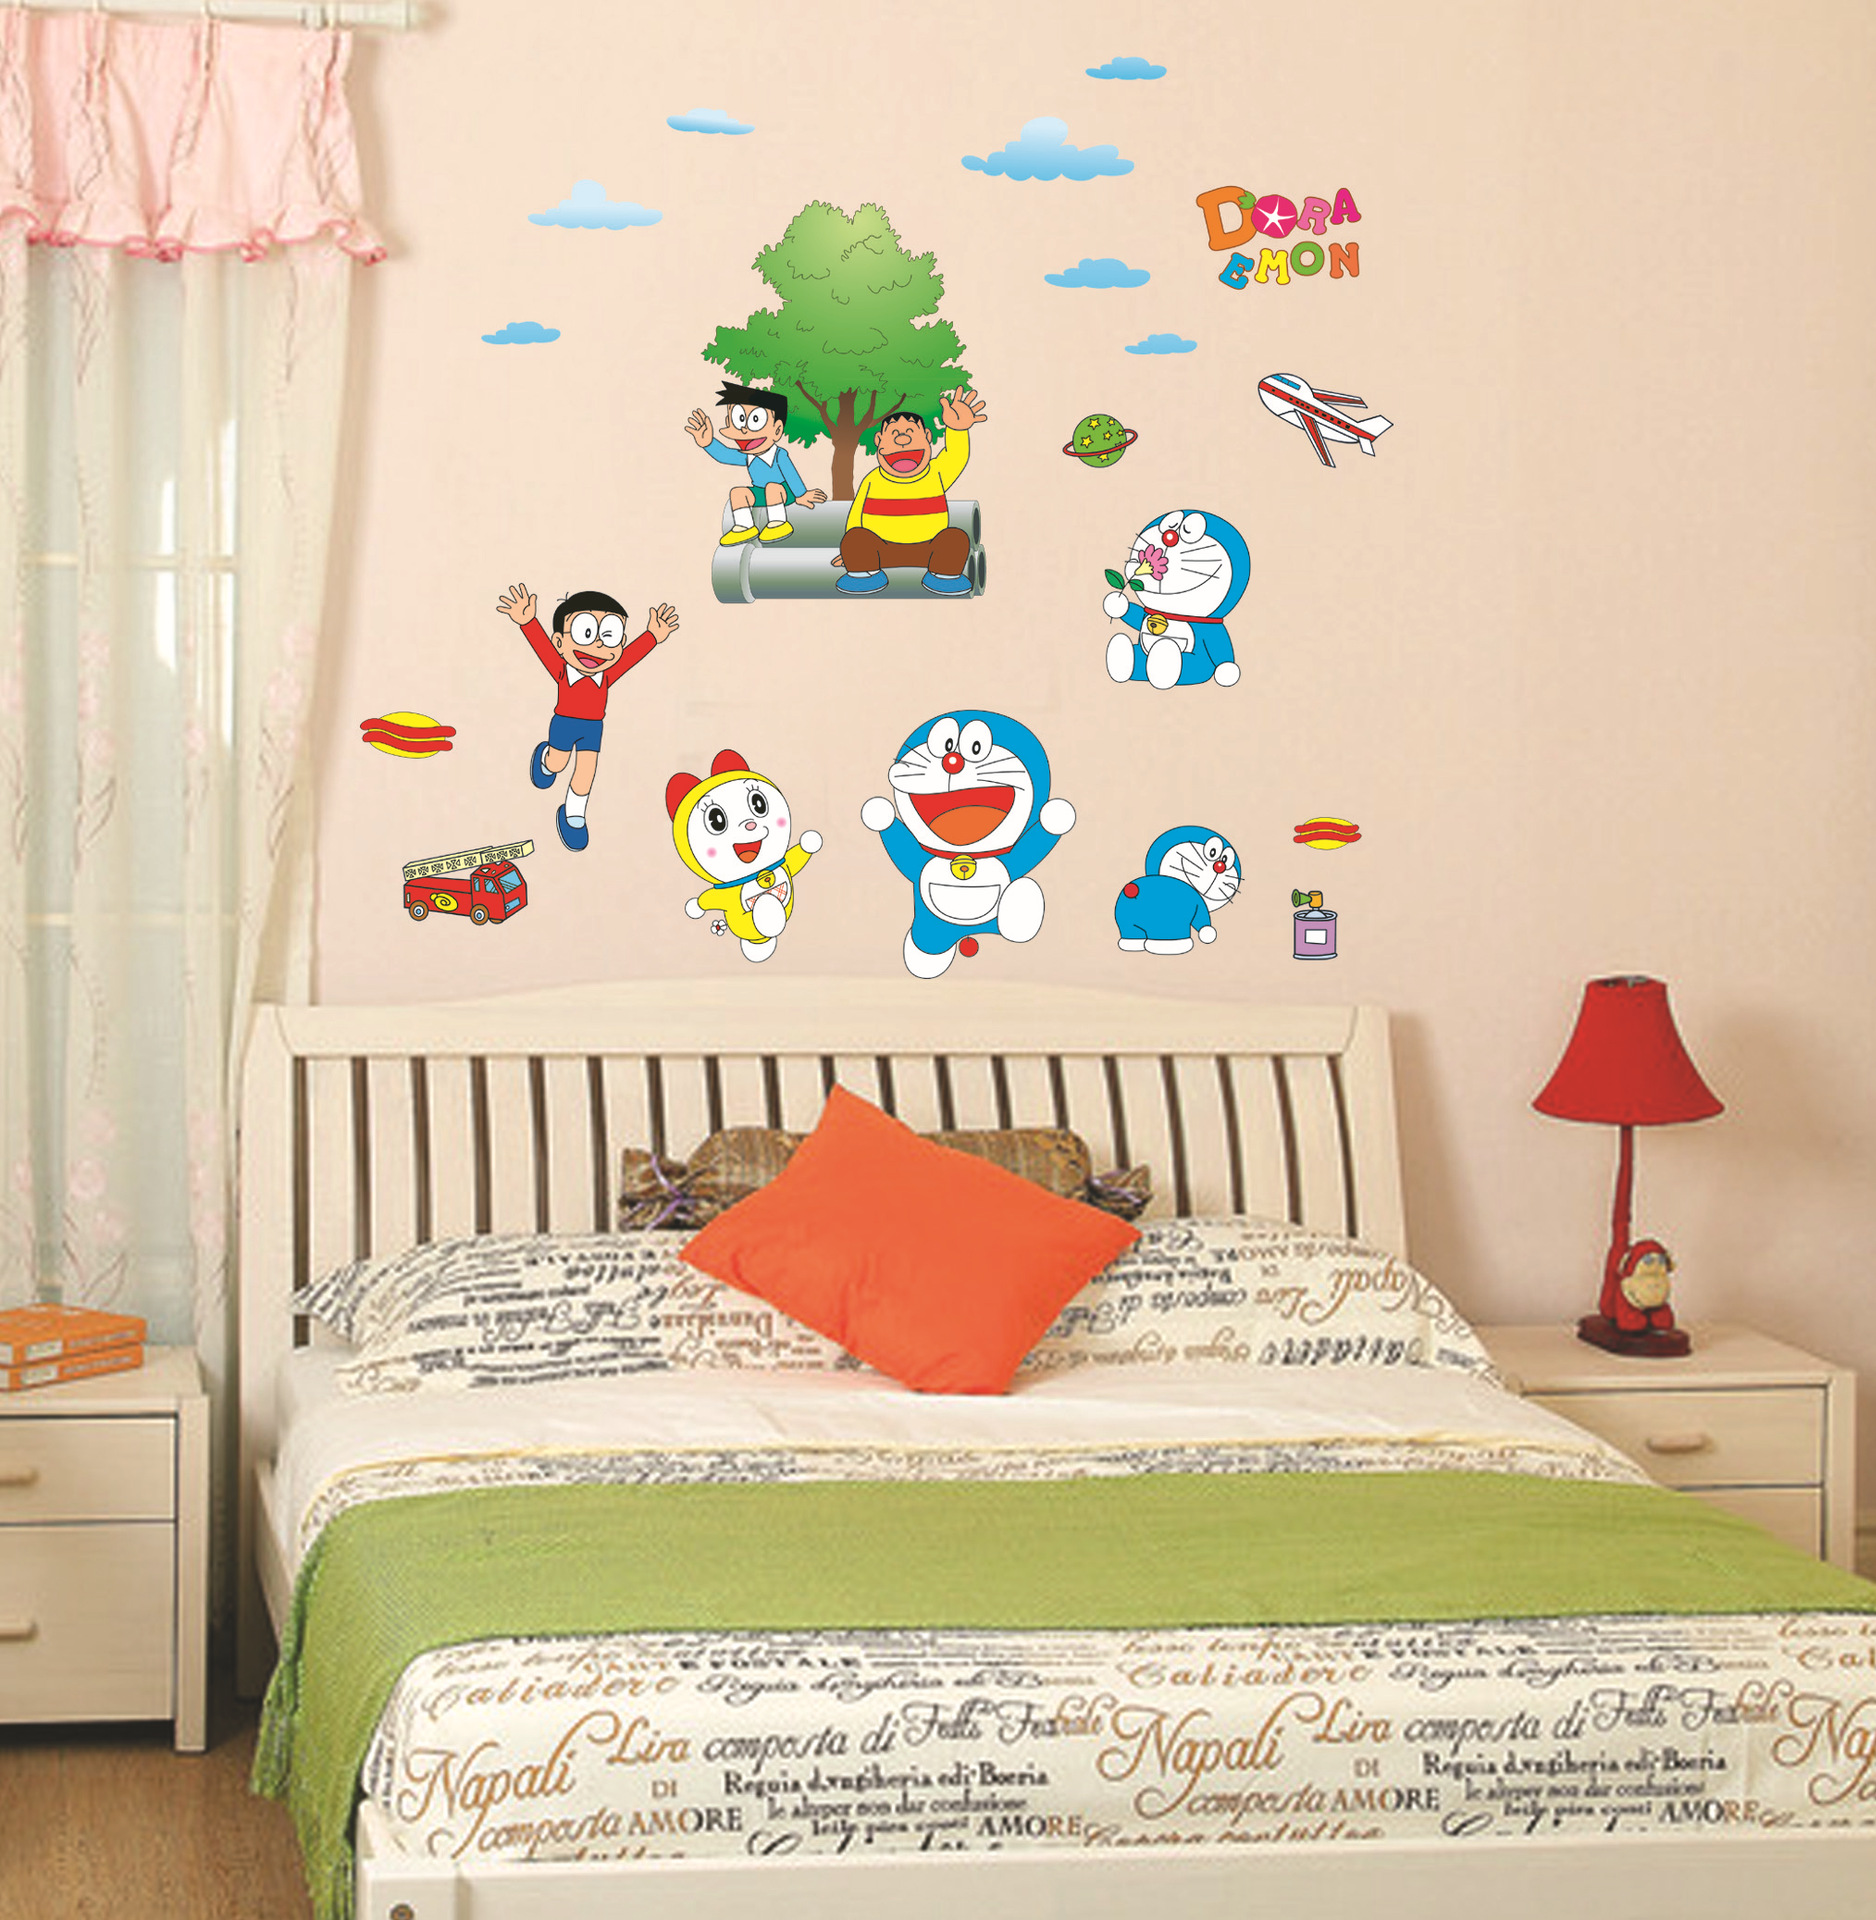 Doraemon Chambre Achetez des lots  Petit Prix Doraemon Chambre en